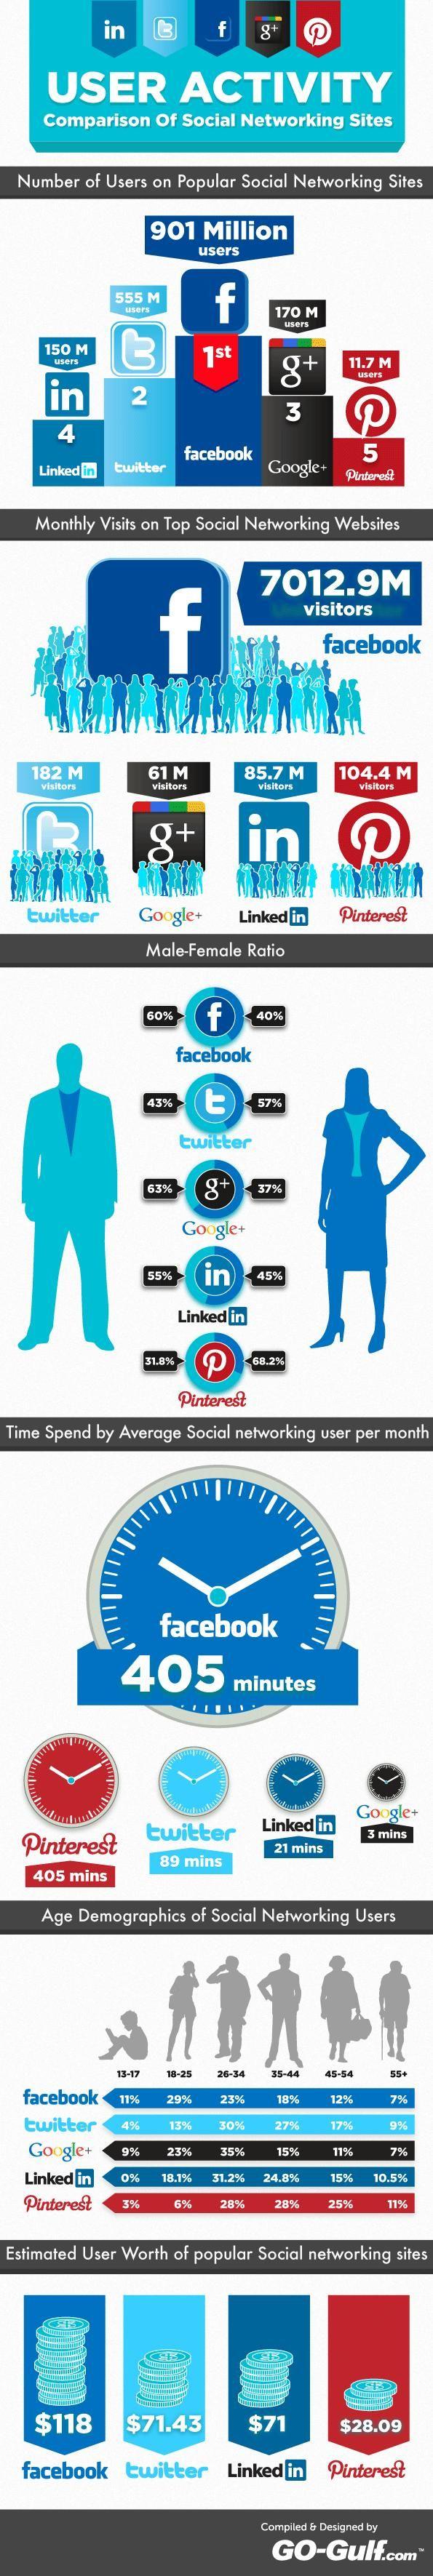 http://pinterestitaly.com/2012/07/02/pinterest-un-confronto-con-gli-altri-social/